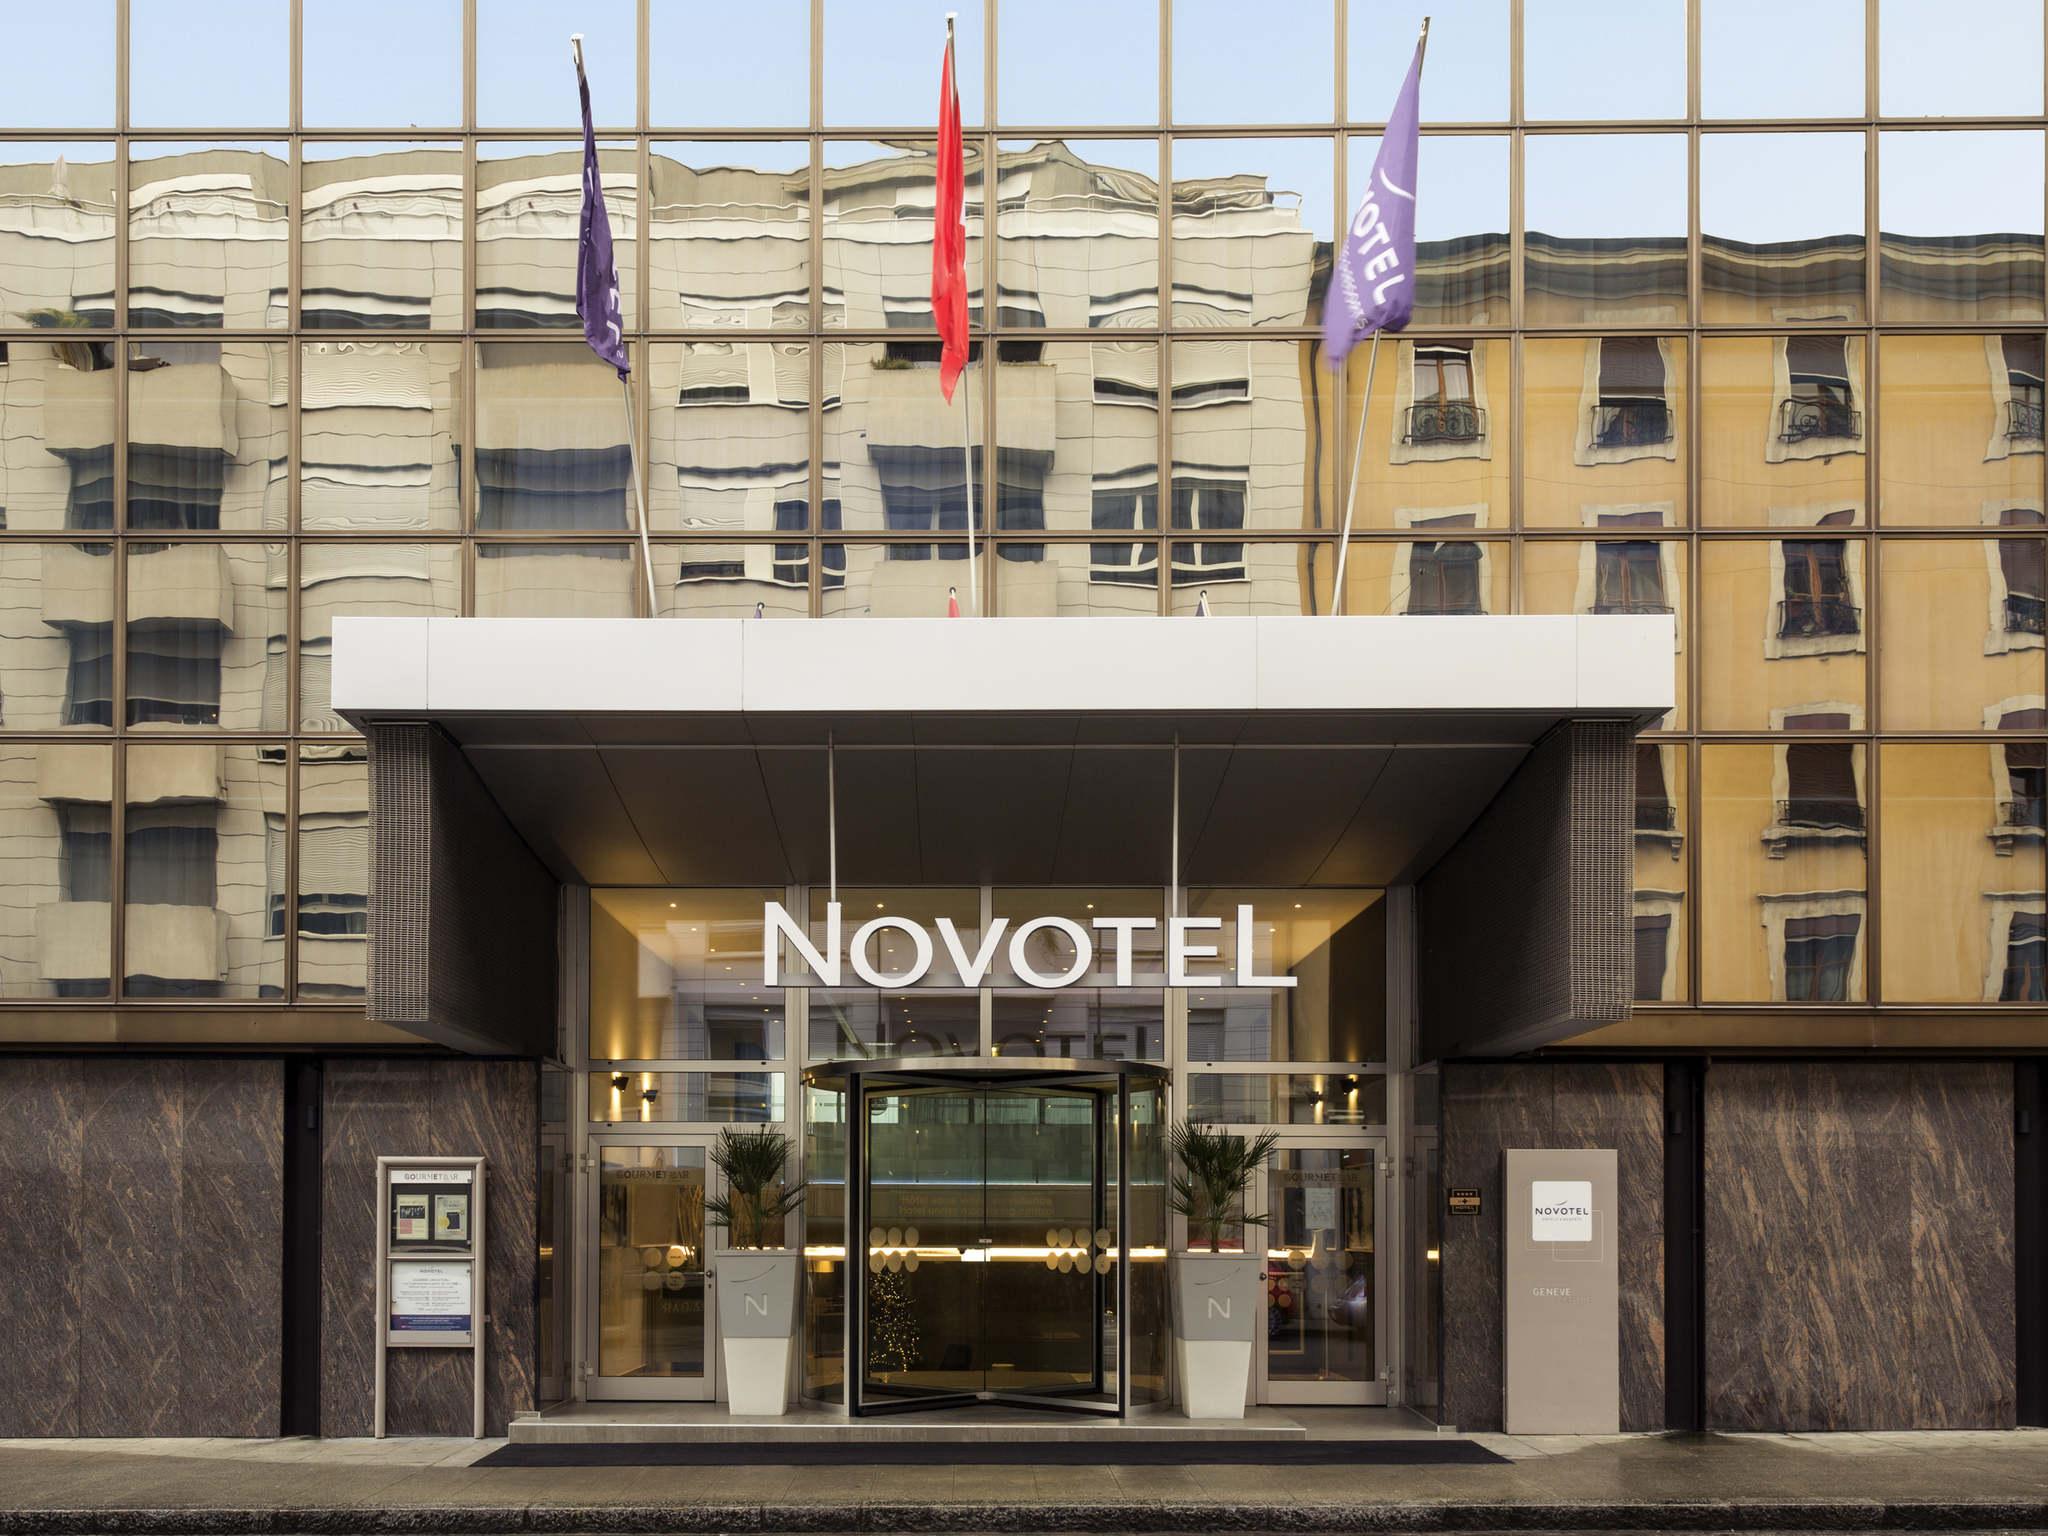 فندق - نوفوتيل Novotel جنيف سنتر